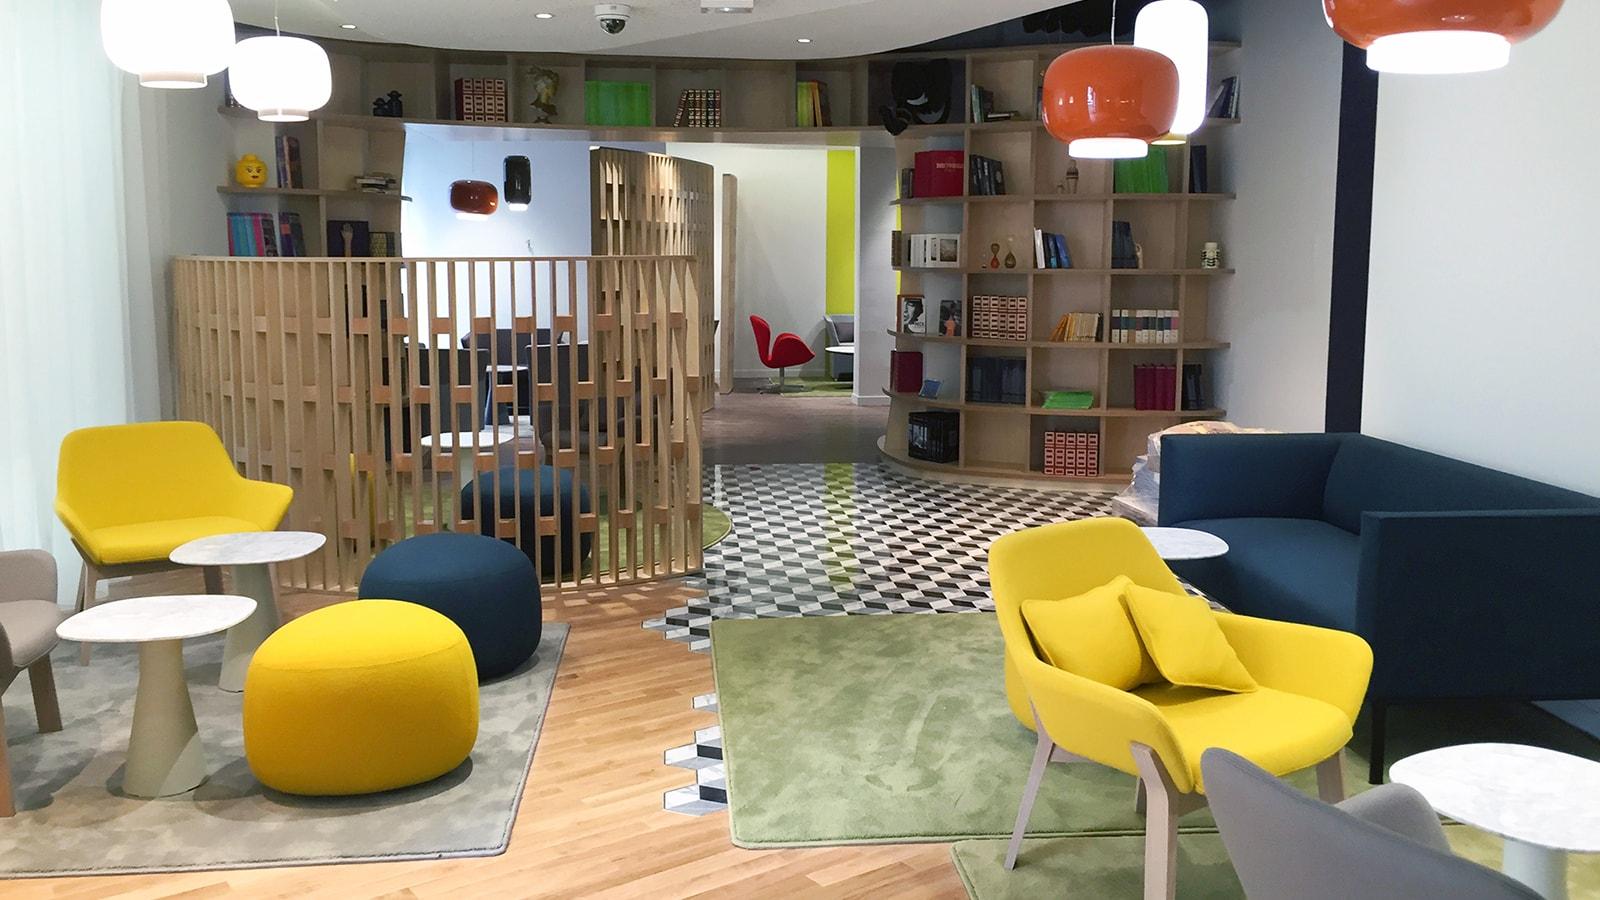 EFI Design Hotel Mercure Nantes Efi Design (1) 1198